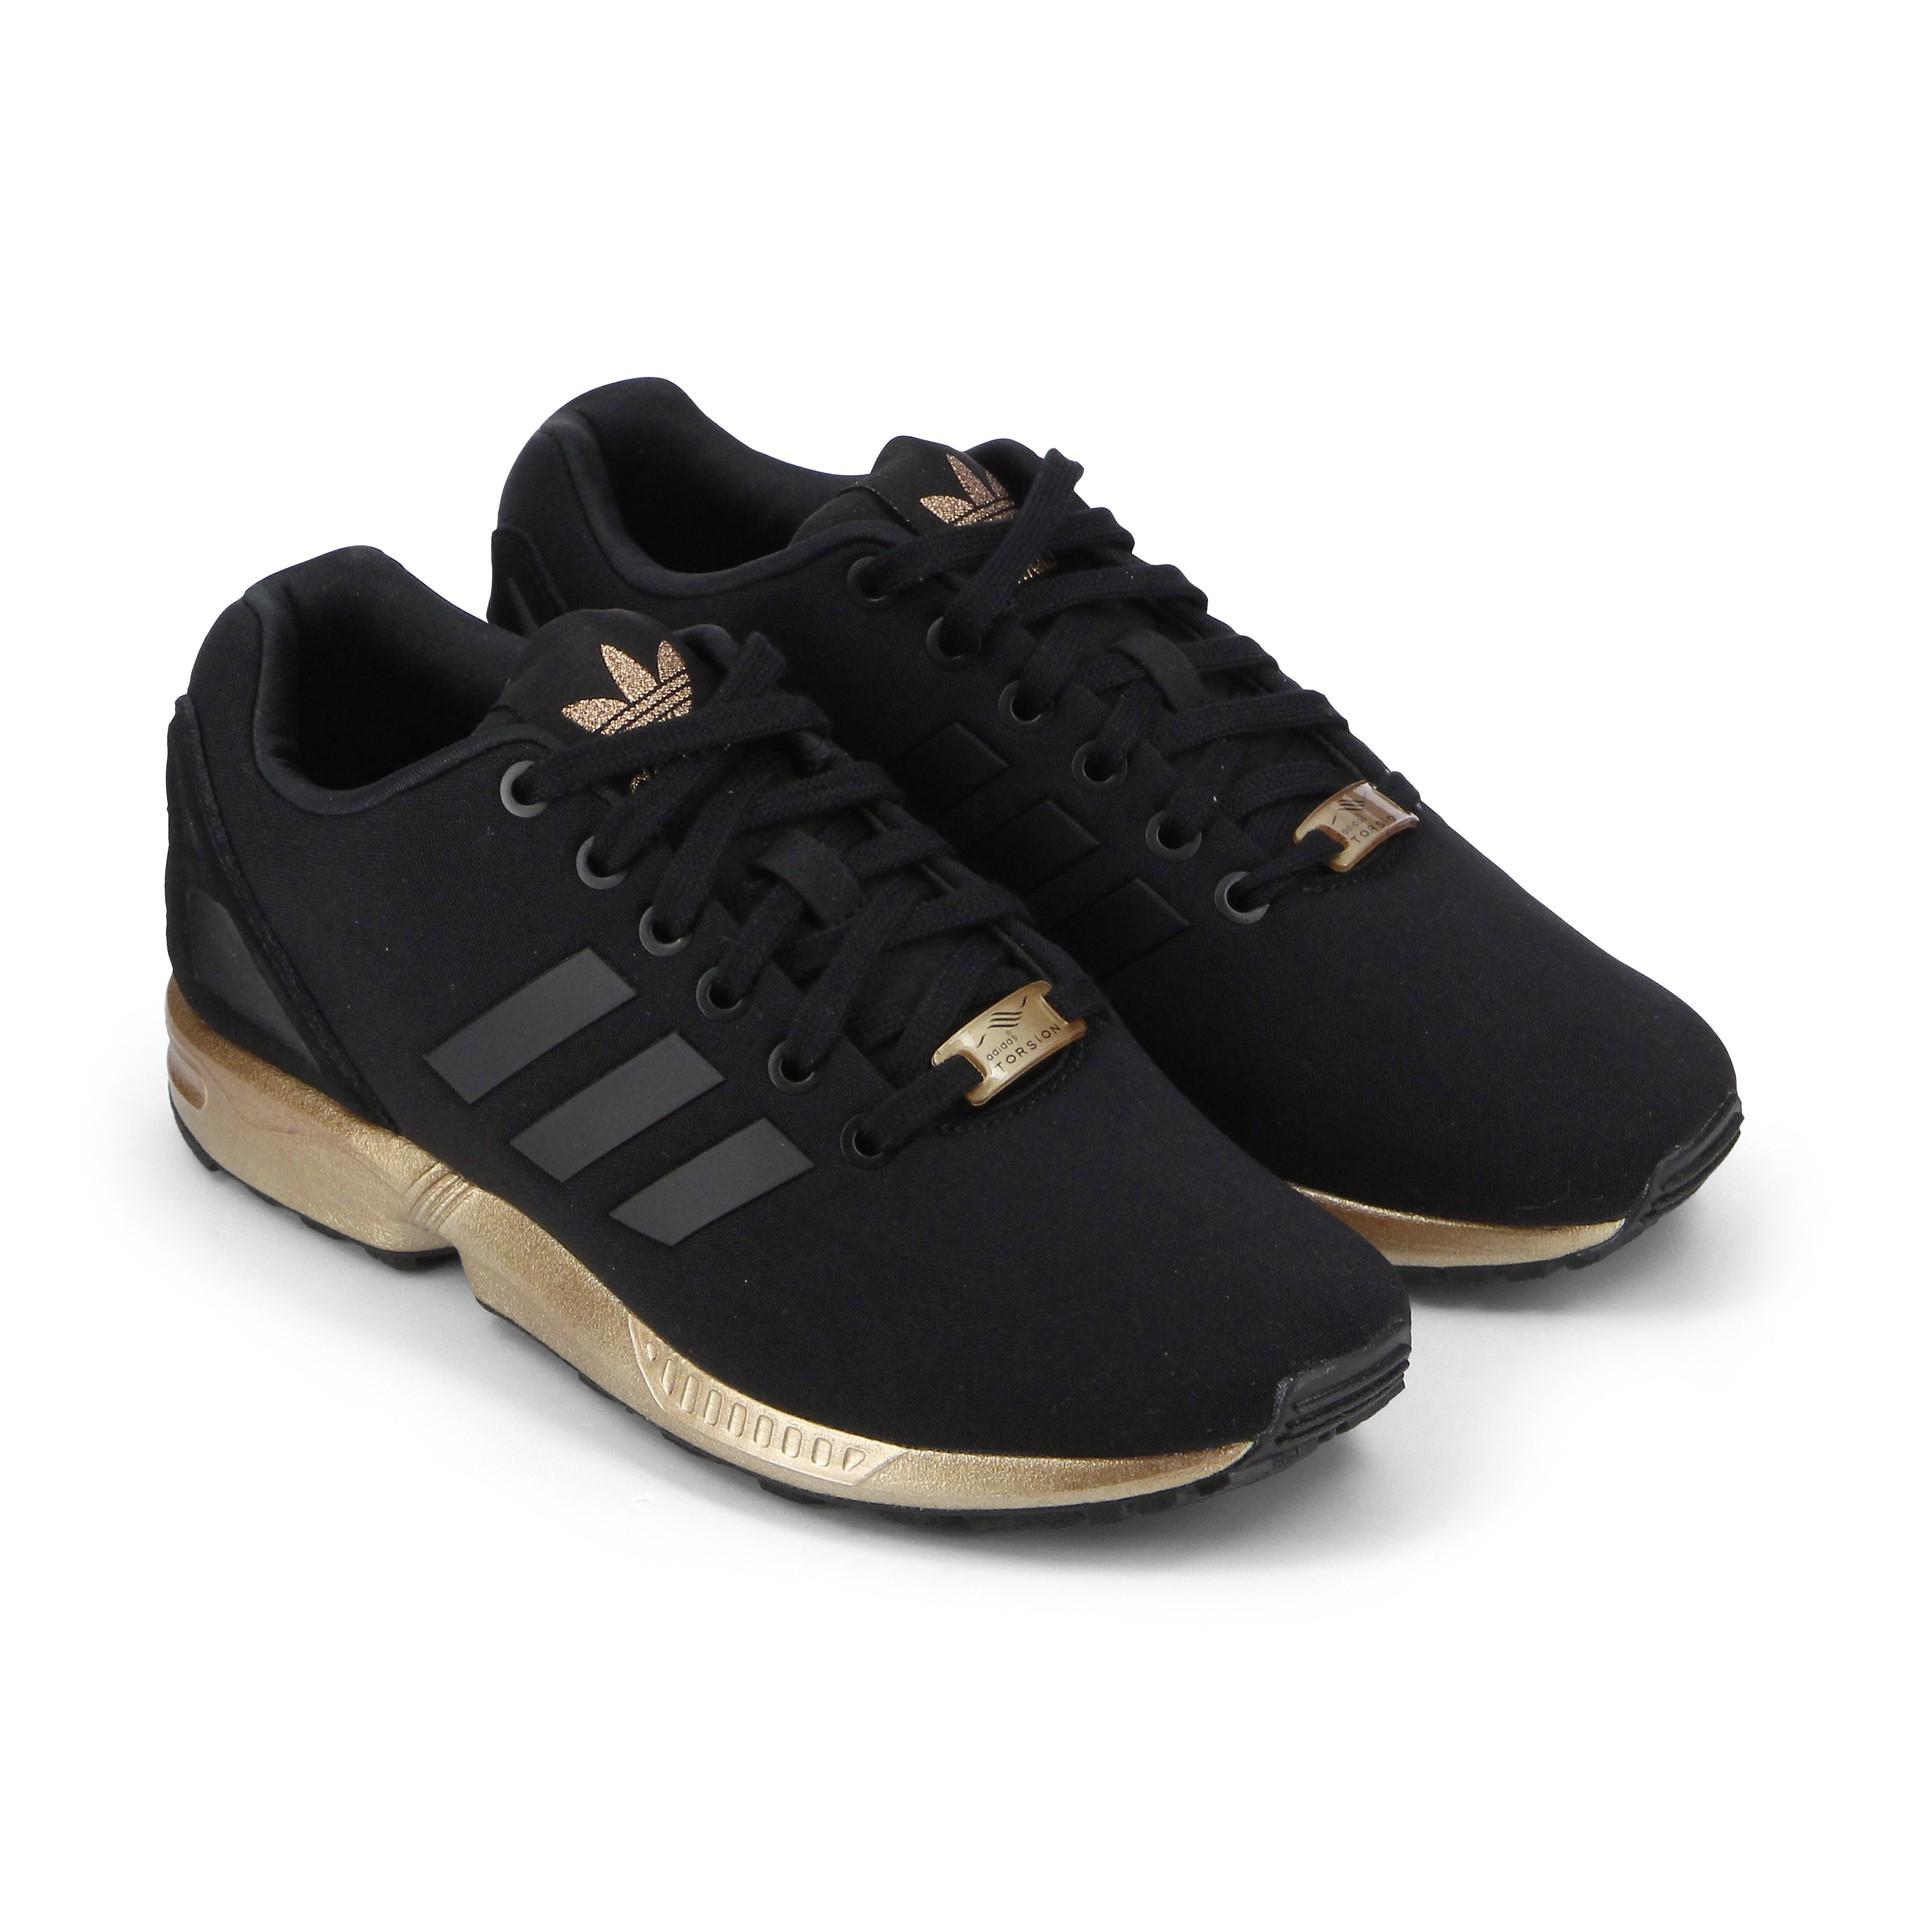 adidas zx flux noir et or prix